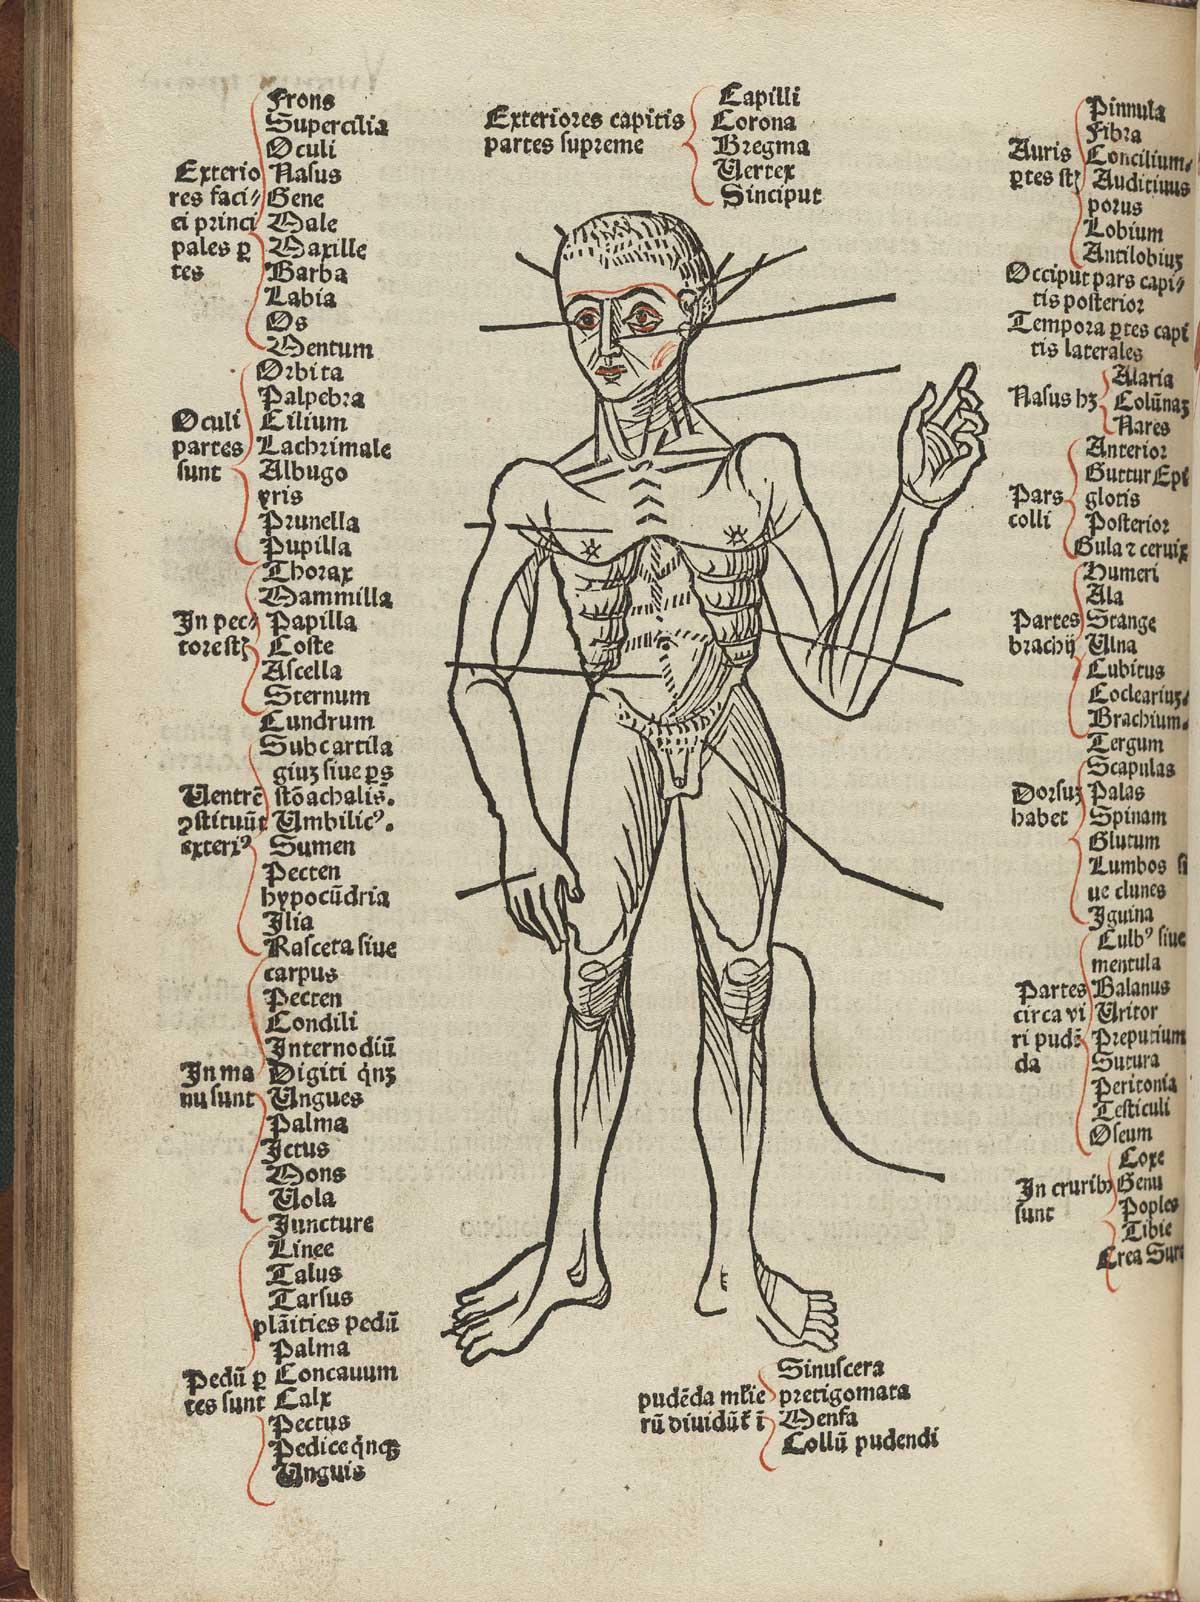 anatomia 23